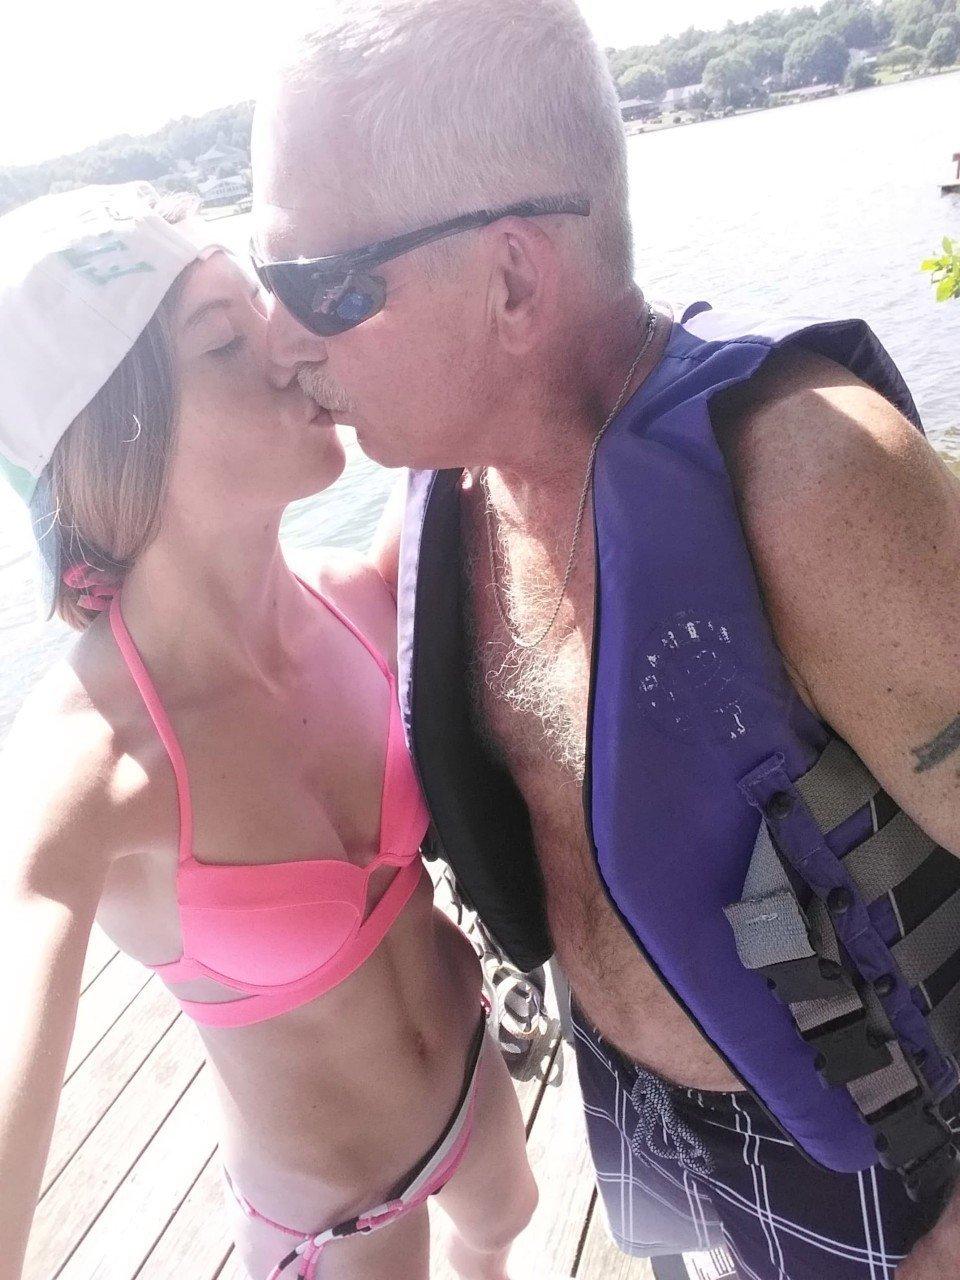 美国一名19岁女大生萨曼莎(Samantha Simpson)和62岁男子热恋一年后便闪婚。